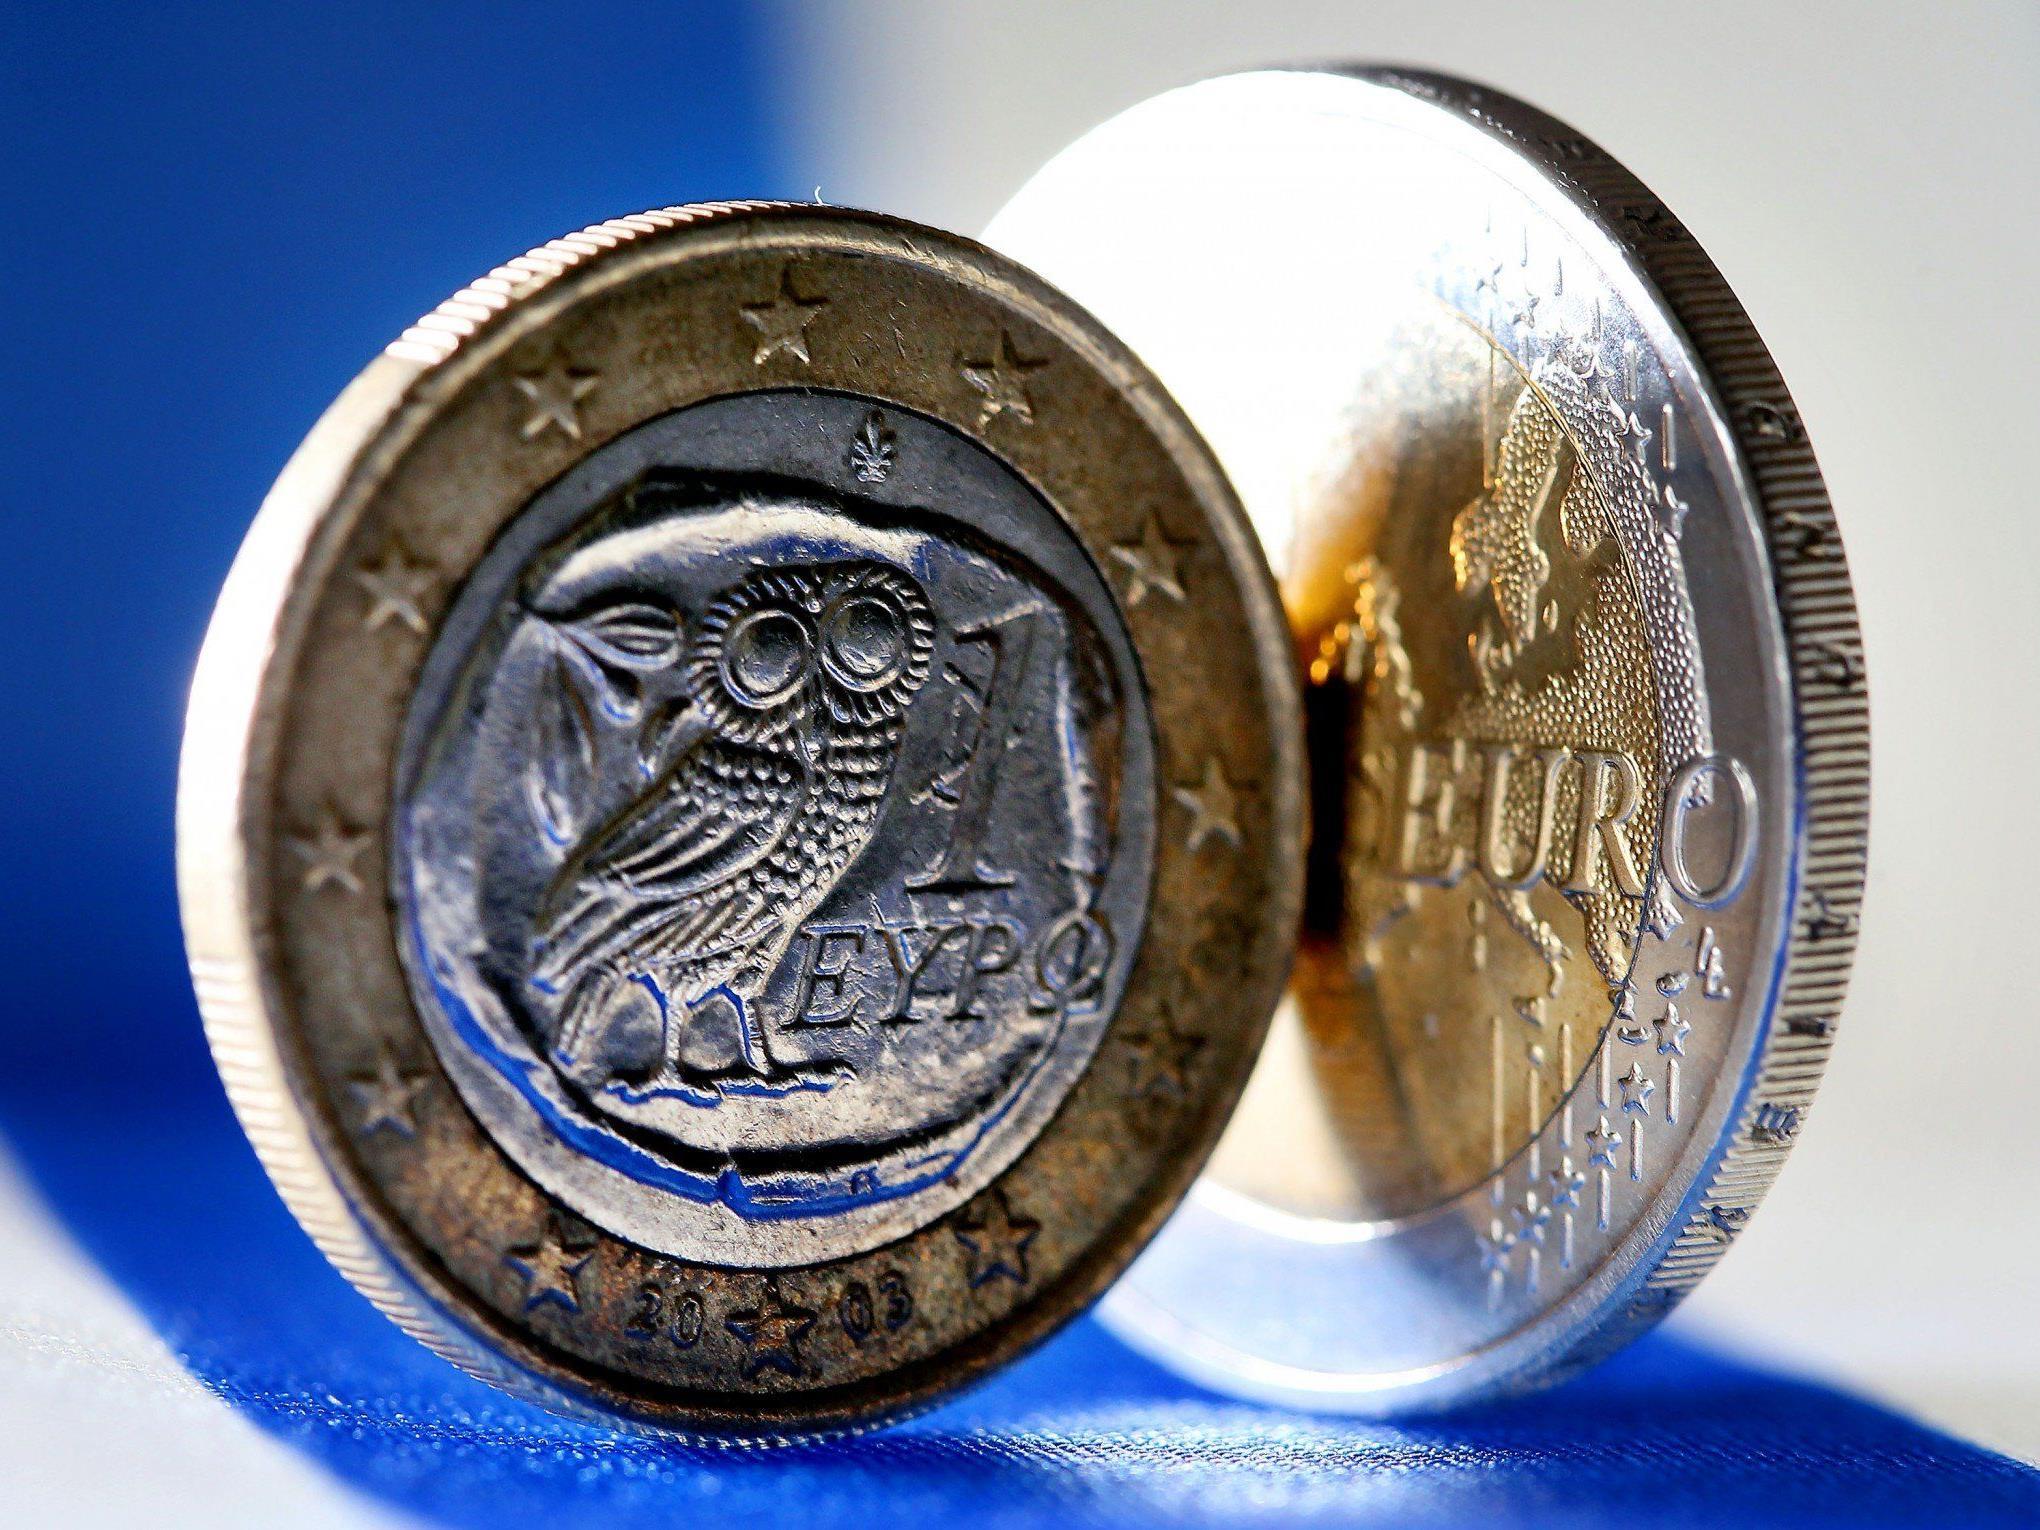 Der griechische Finanzminister glaubt, dass das Land in den nächsten zwei Jahren weitere 10 Milliarden Euro benötigen wird.